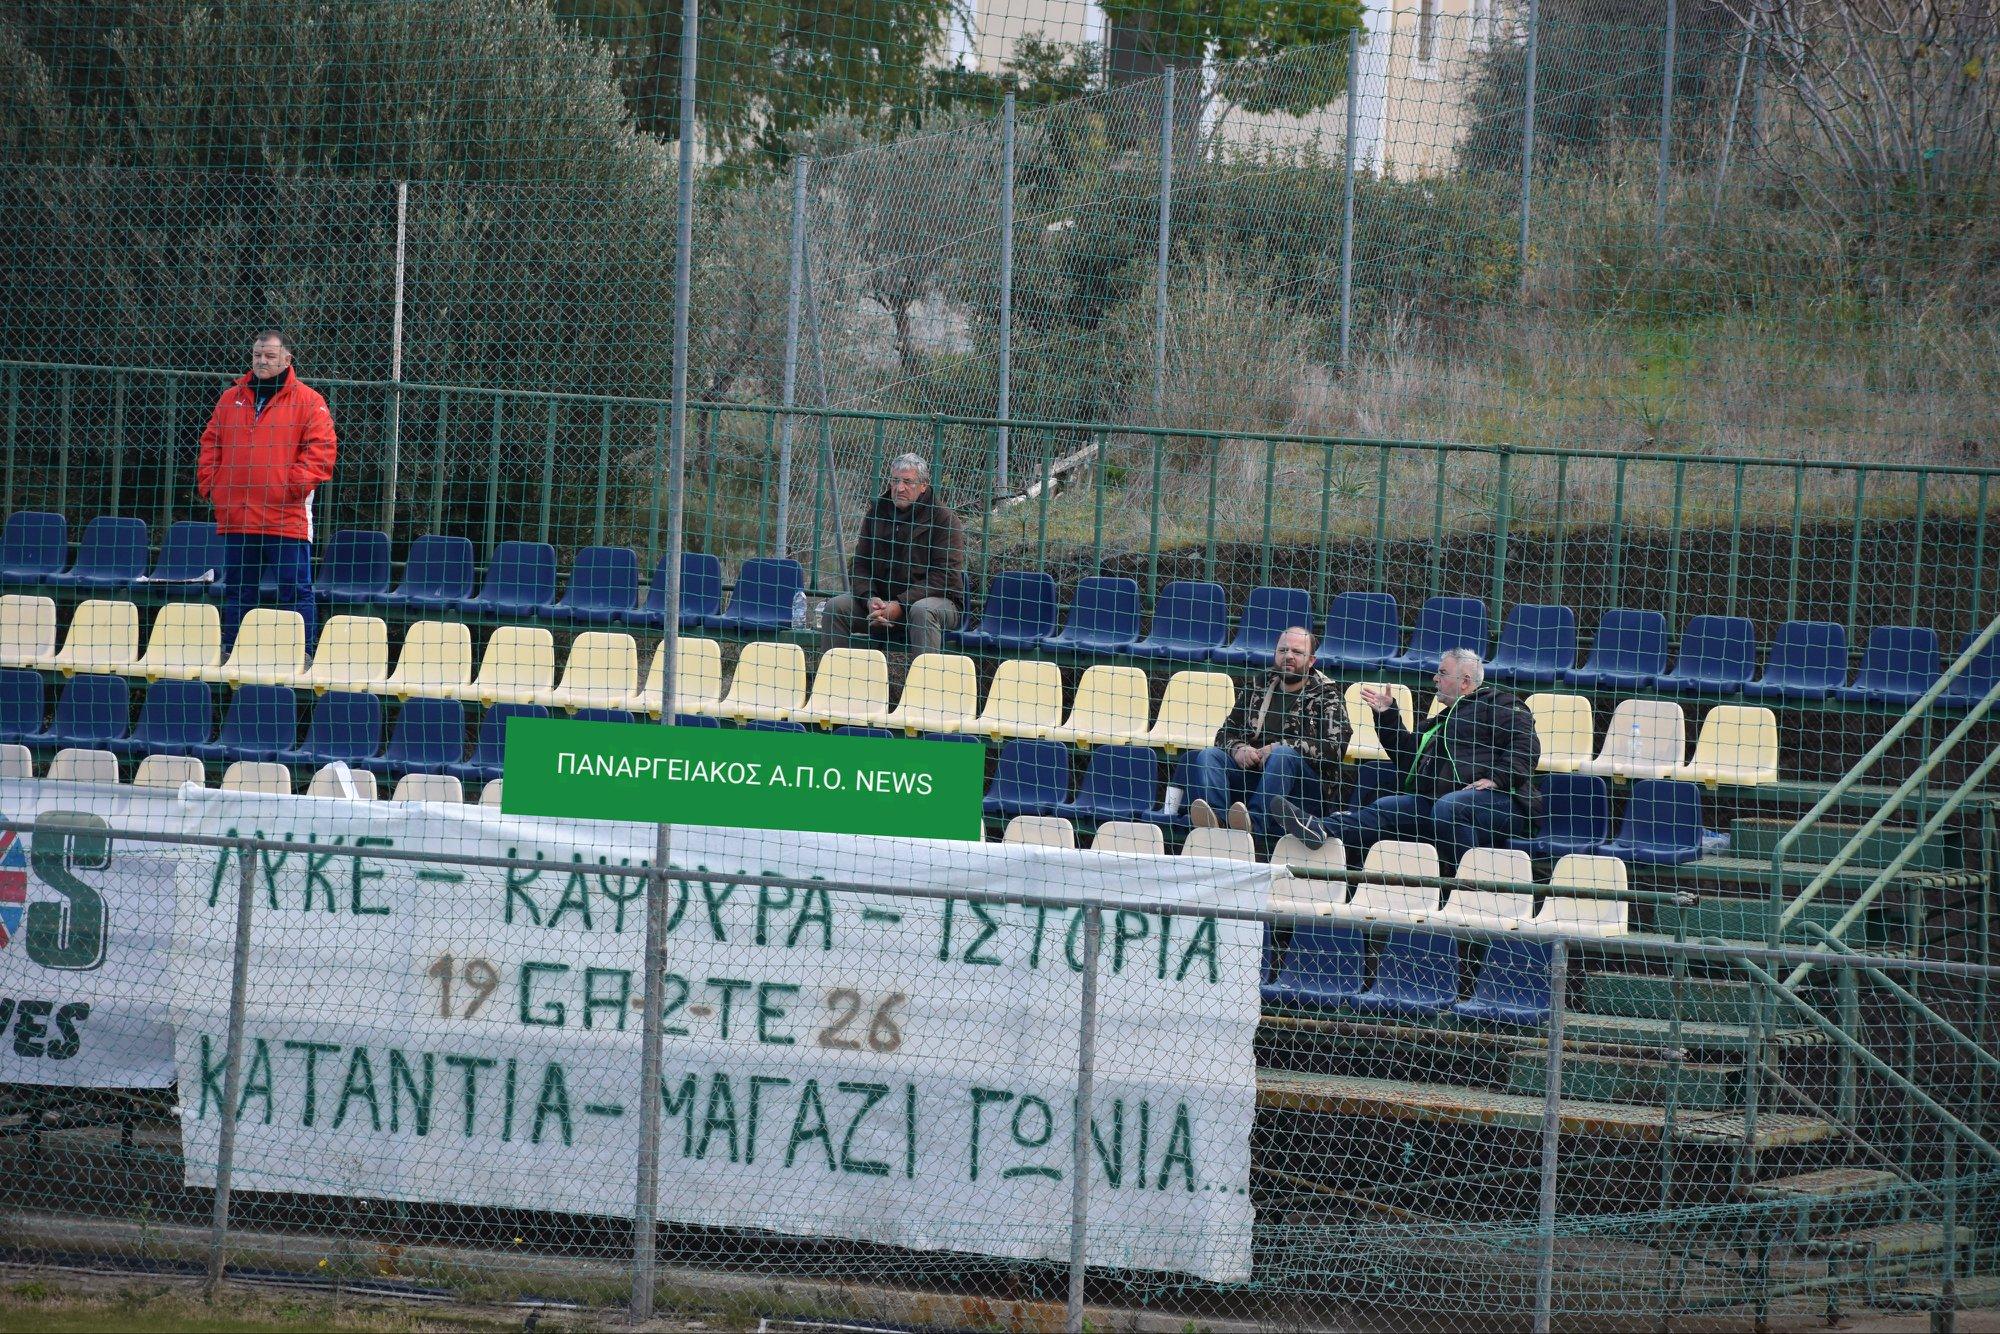 Πήρε λέει προπονητή ο Παναργειακός: Αργά πλέον για δάκρυα (και) στο Άργος…